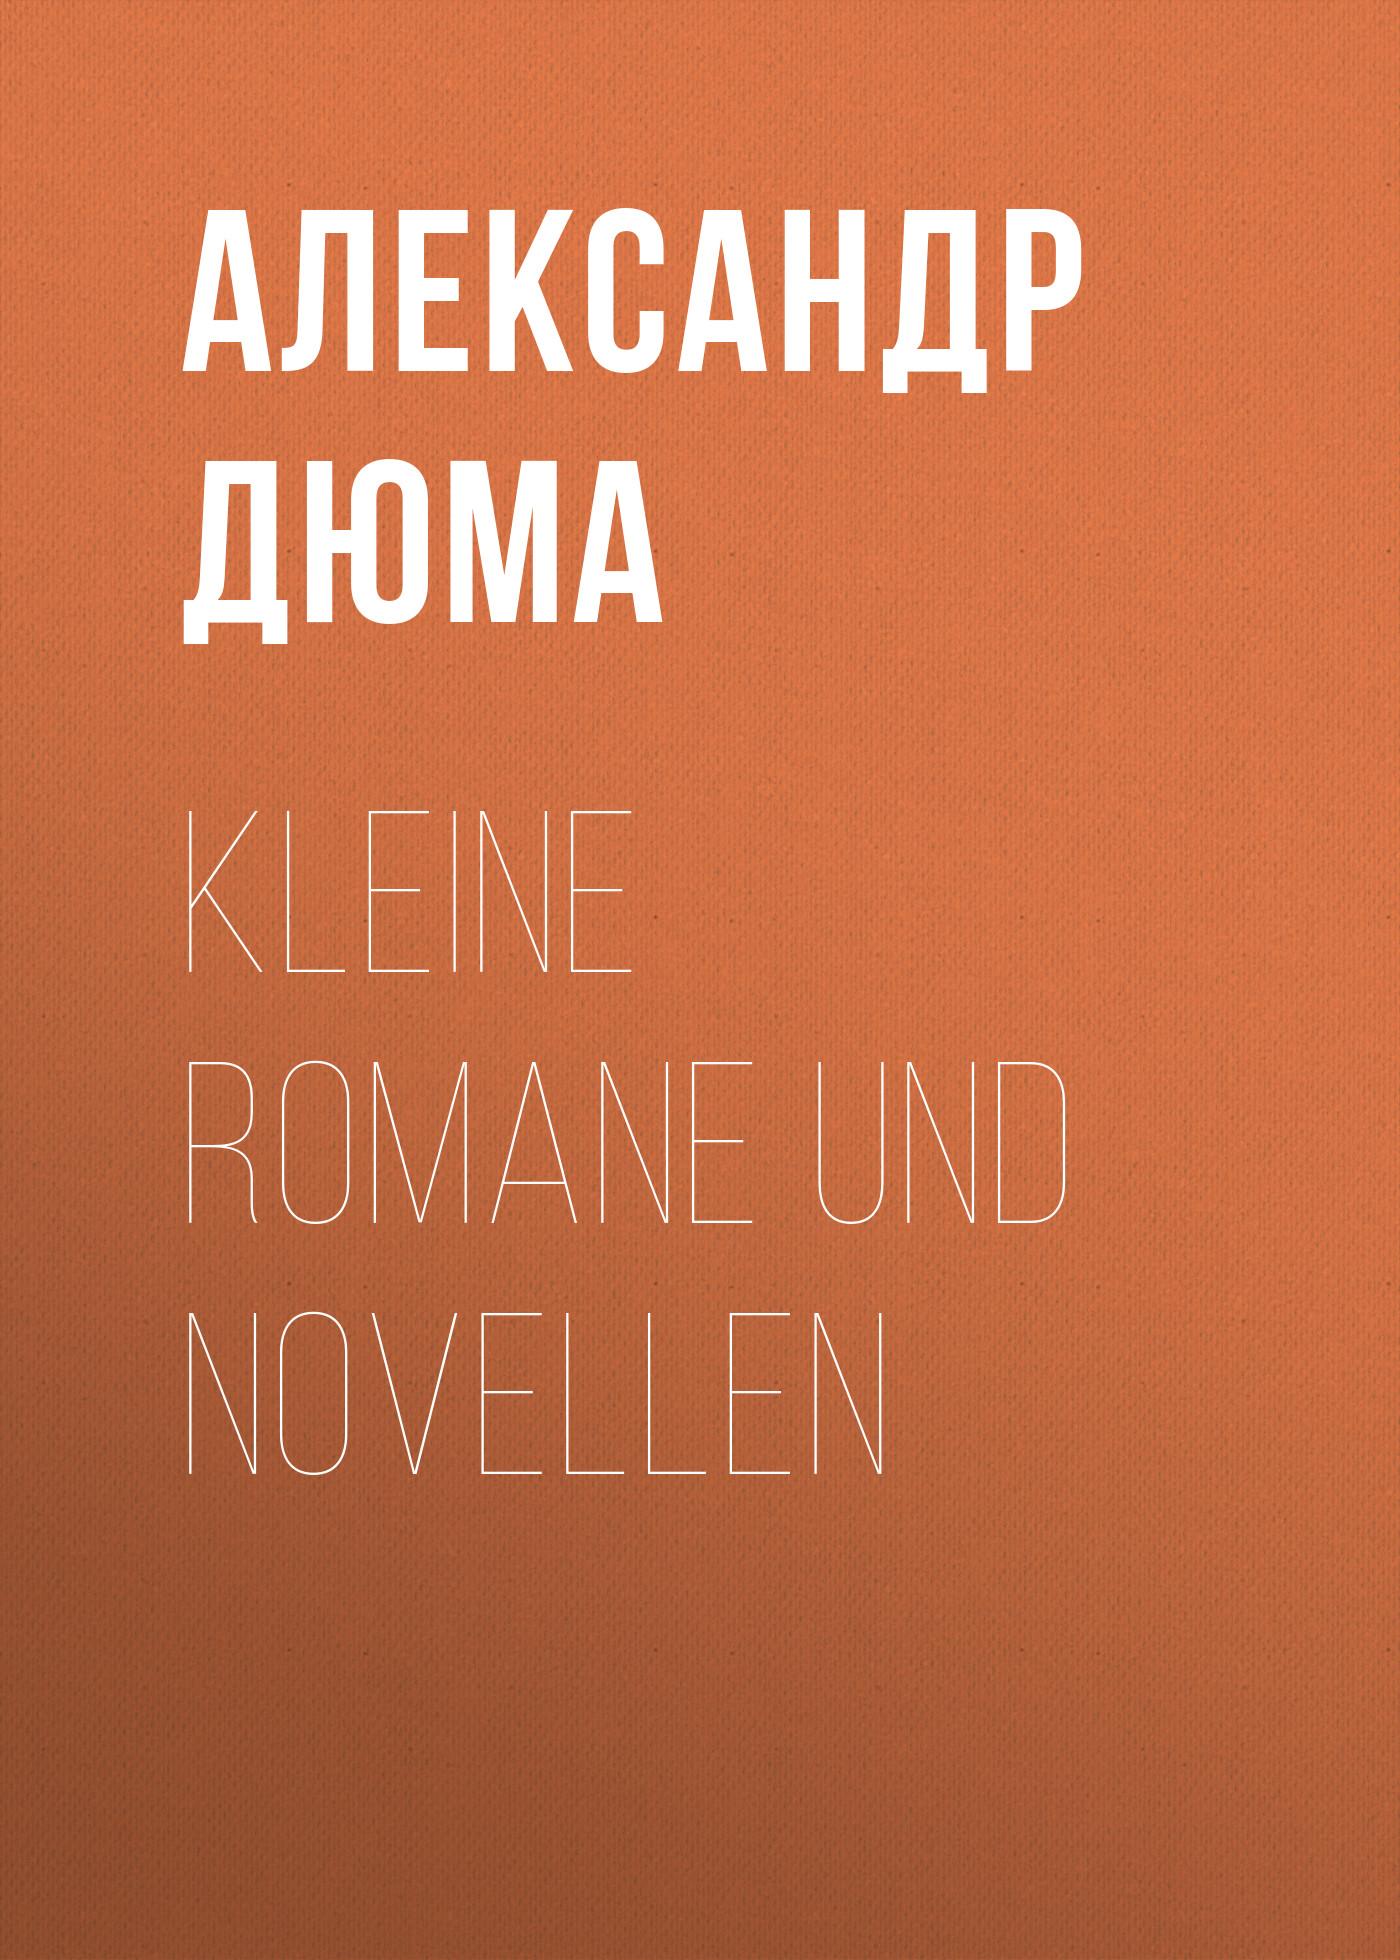 kleine romane und novellen